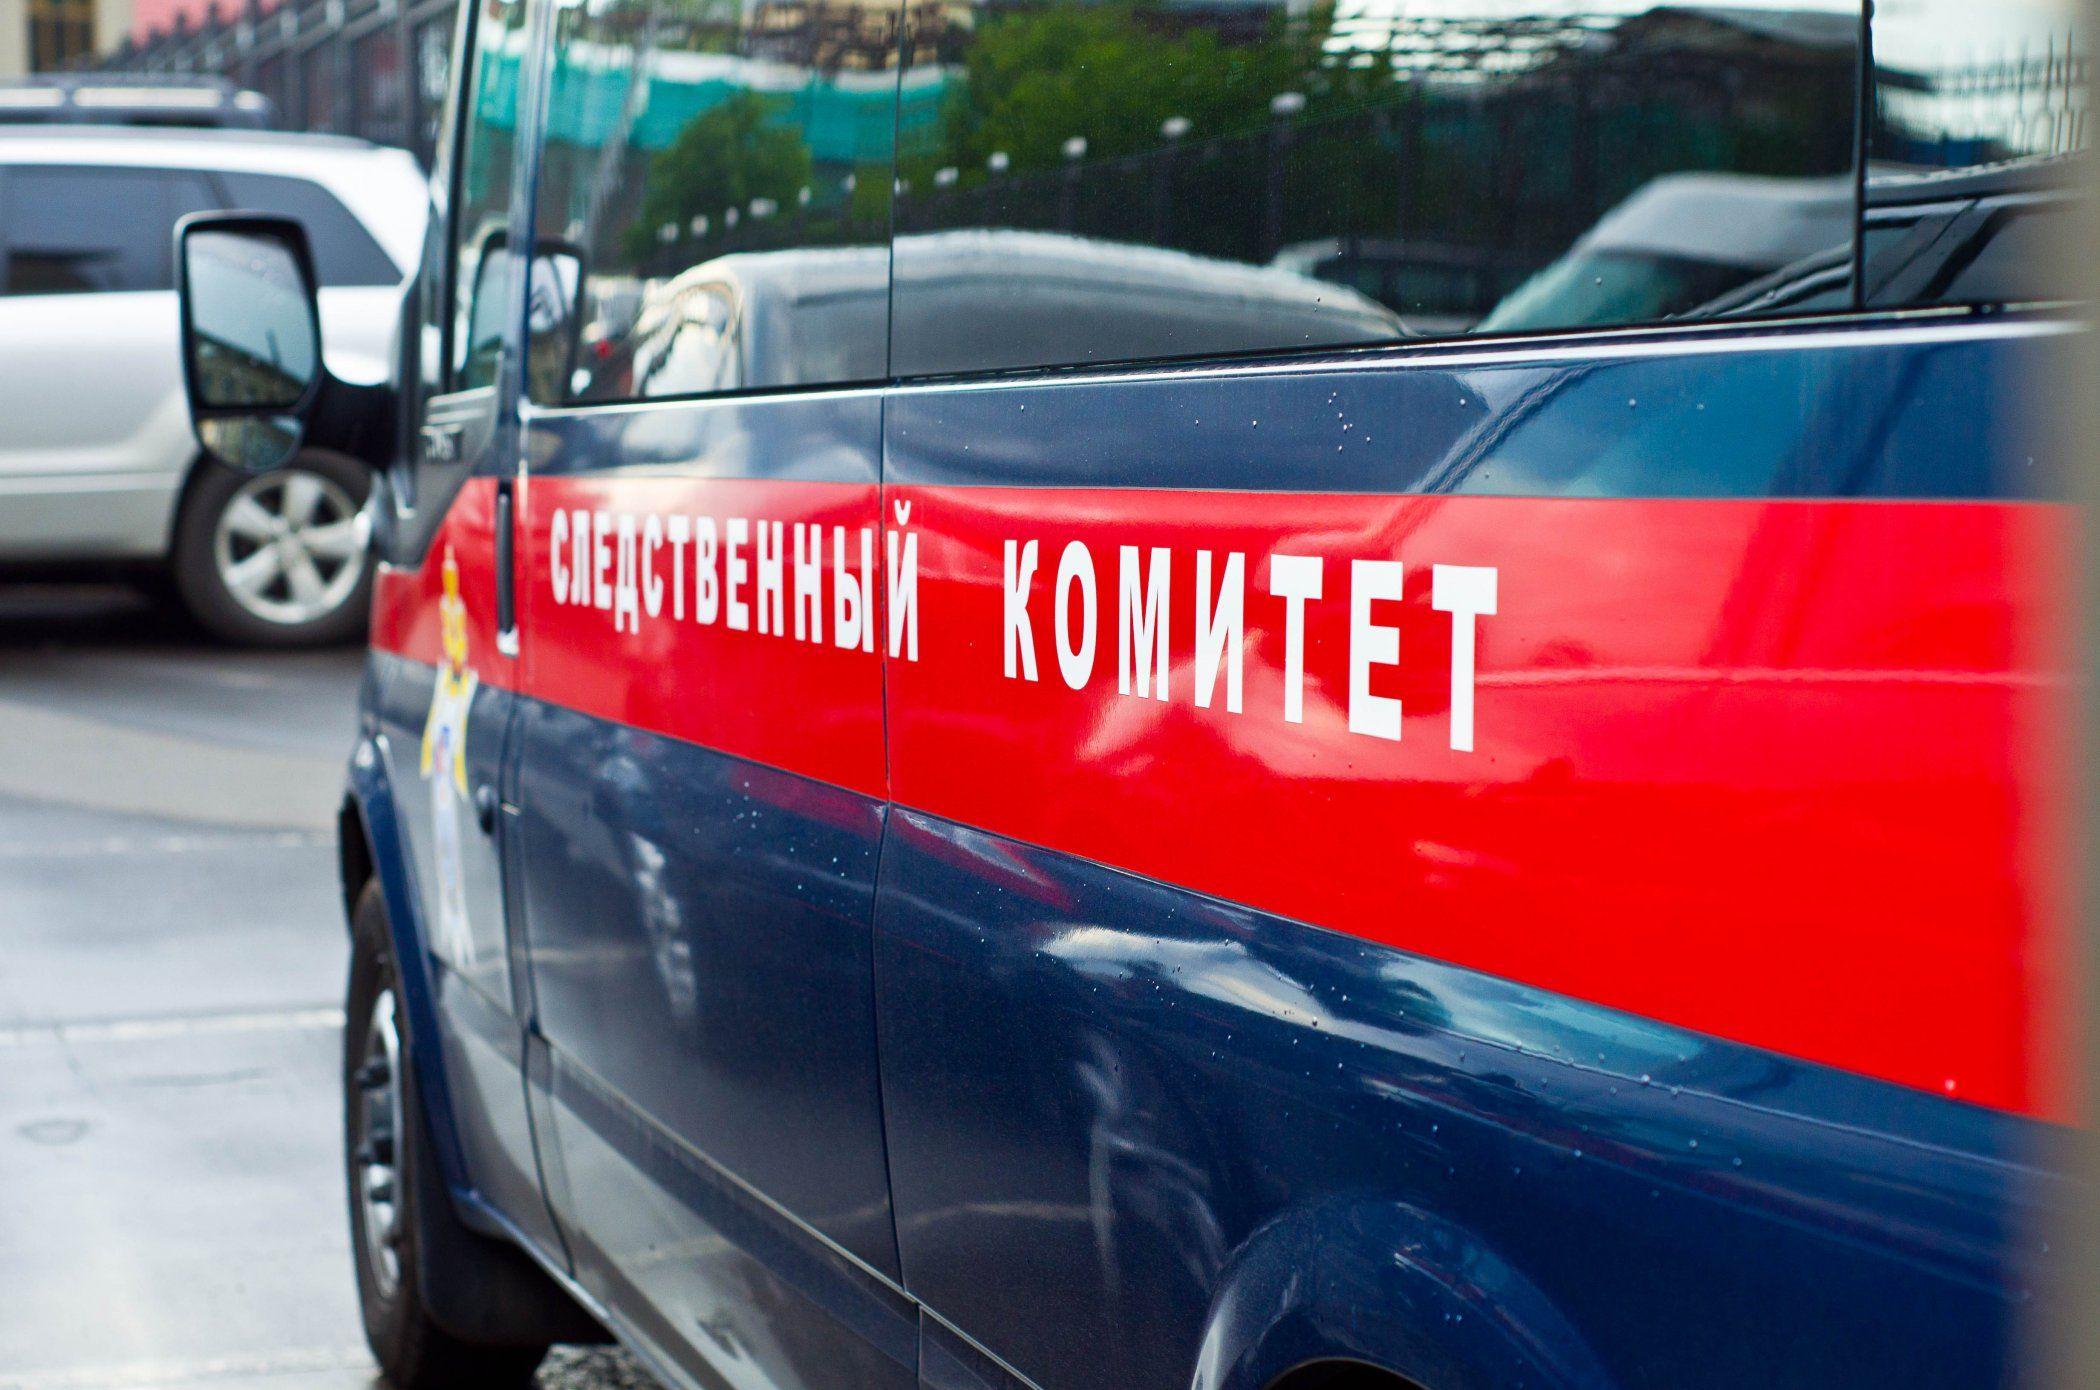 Ребенок умер впожаре впятиэтажке вКраснодаре